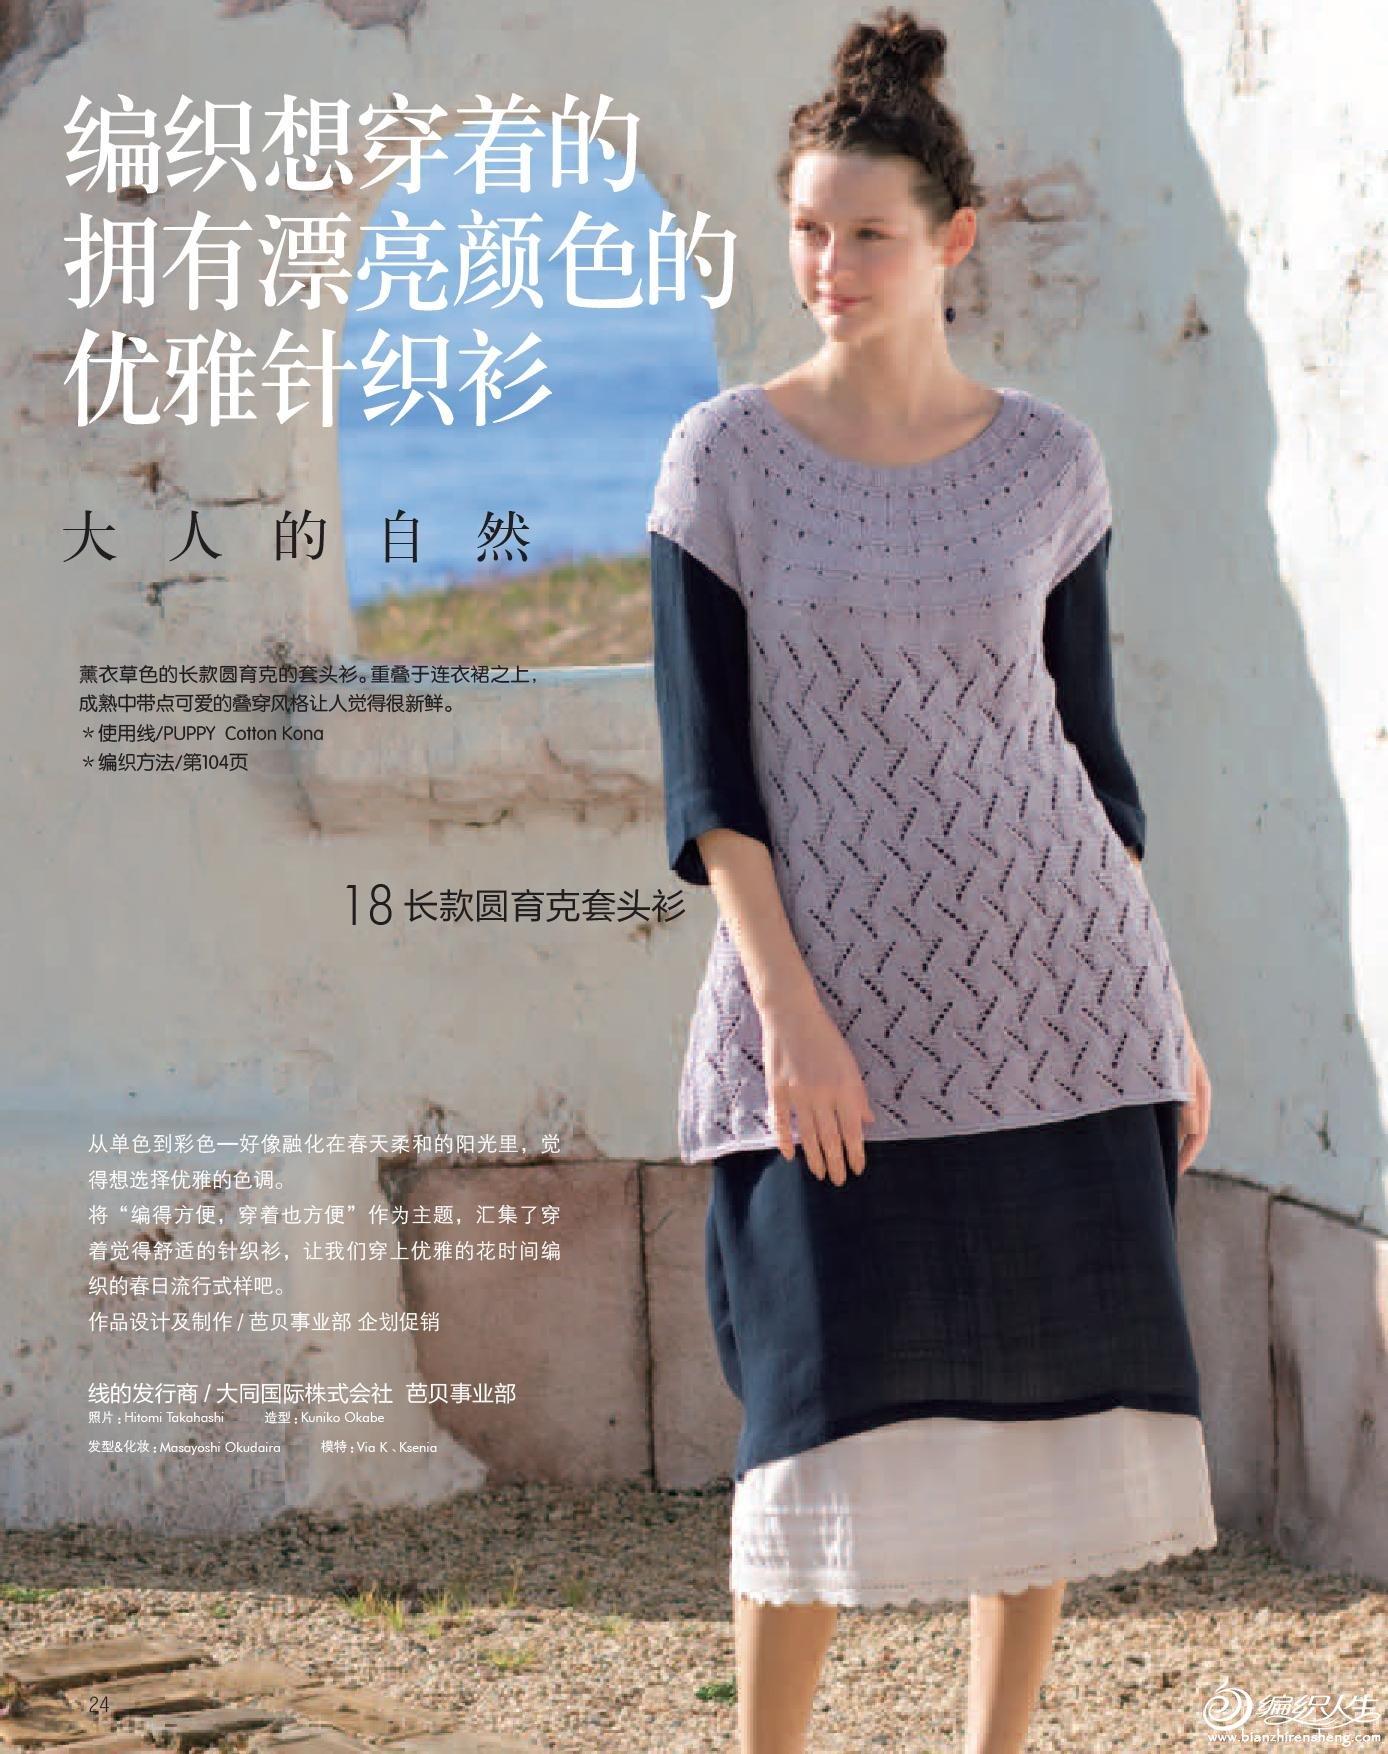 世界编织1 蕾丝编织的美丽世界-24.jpg